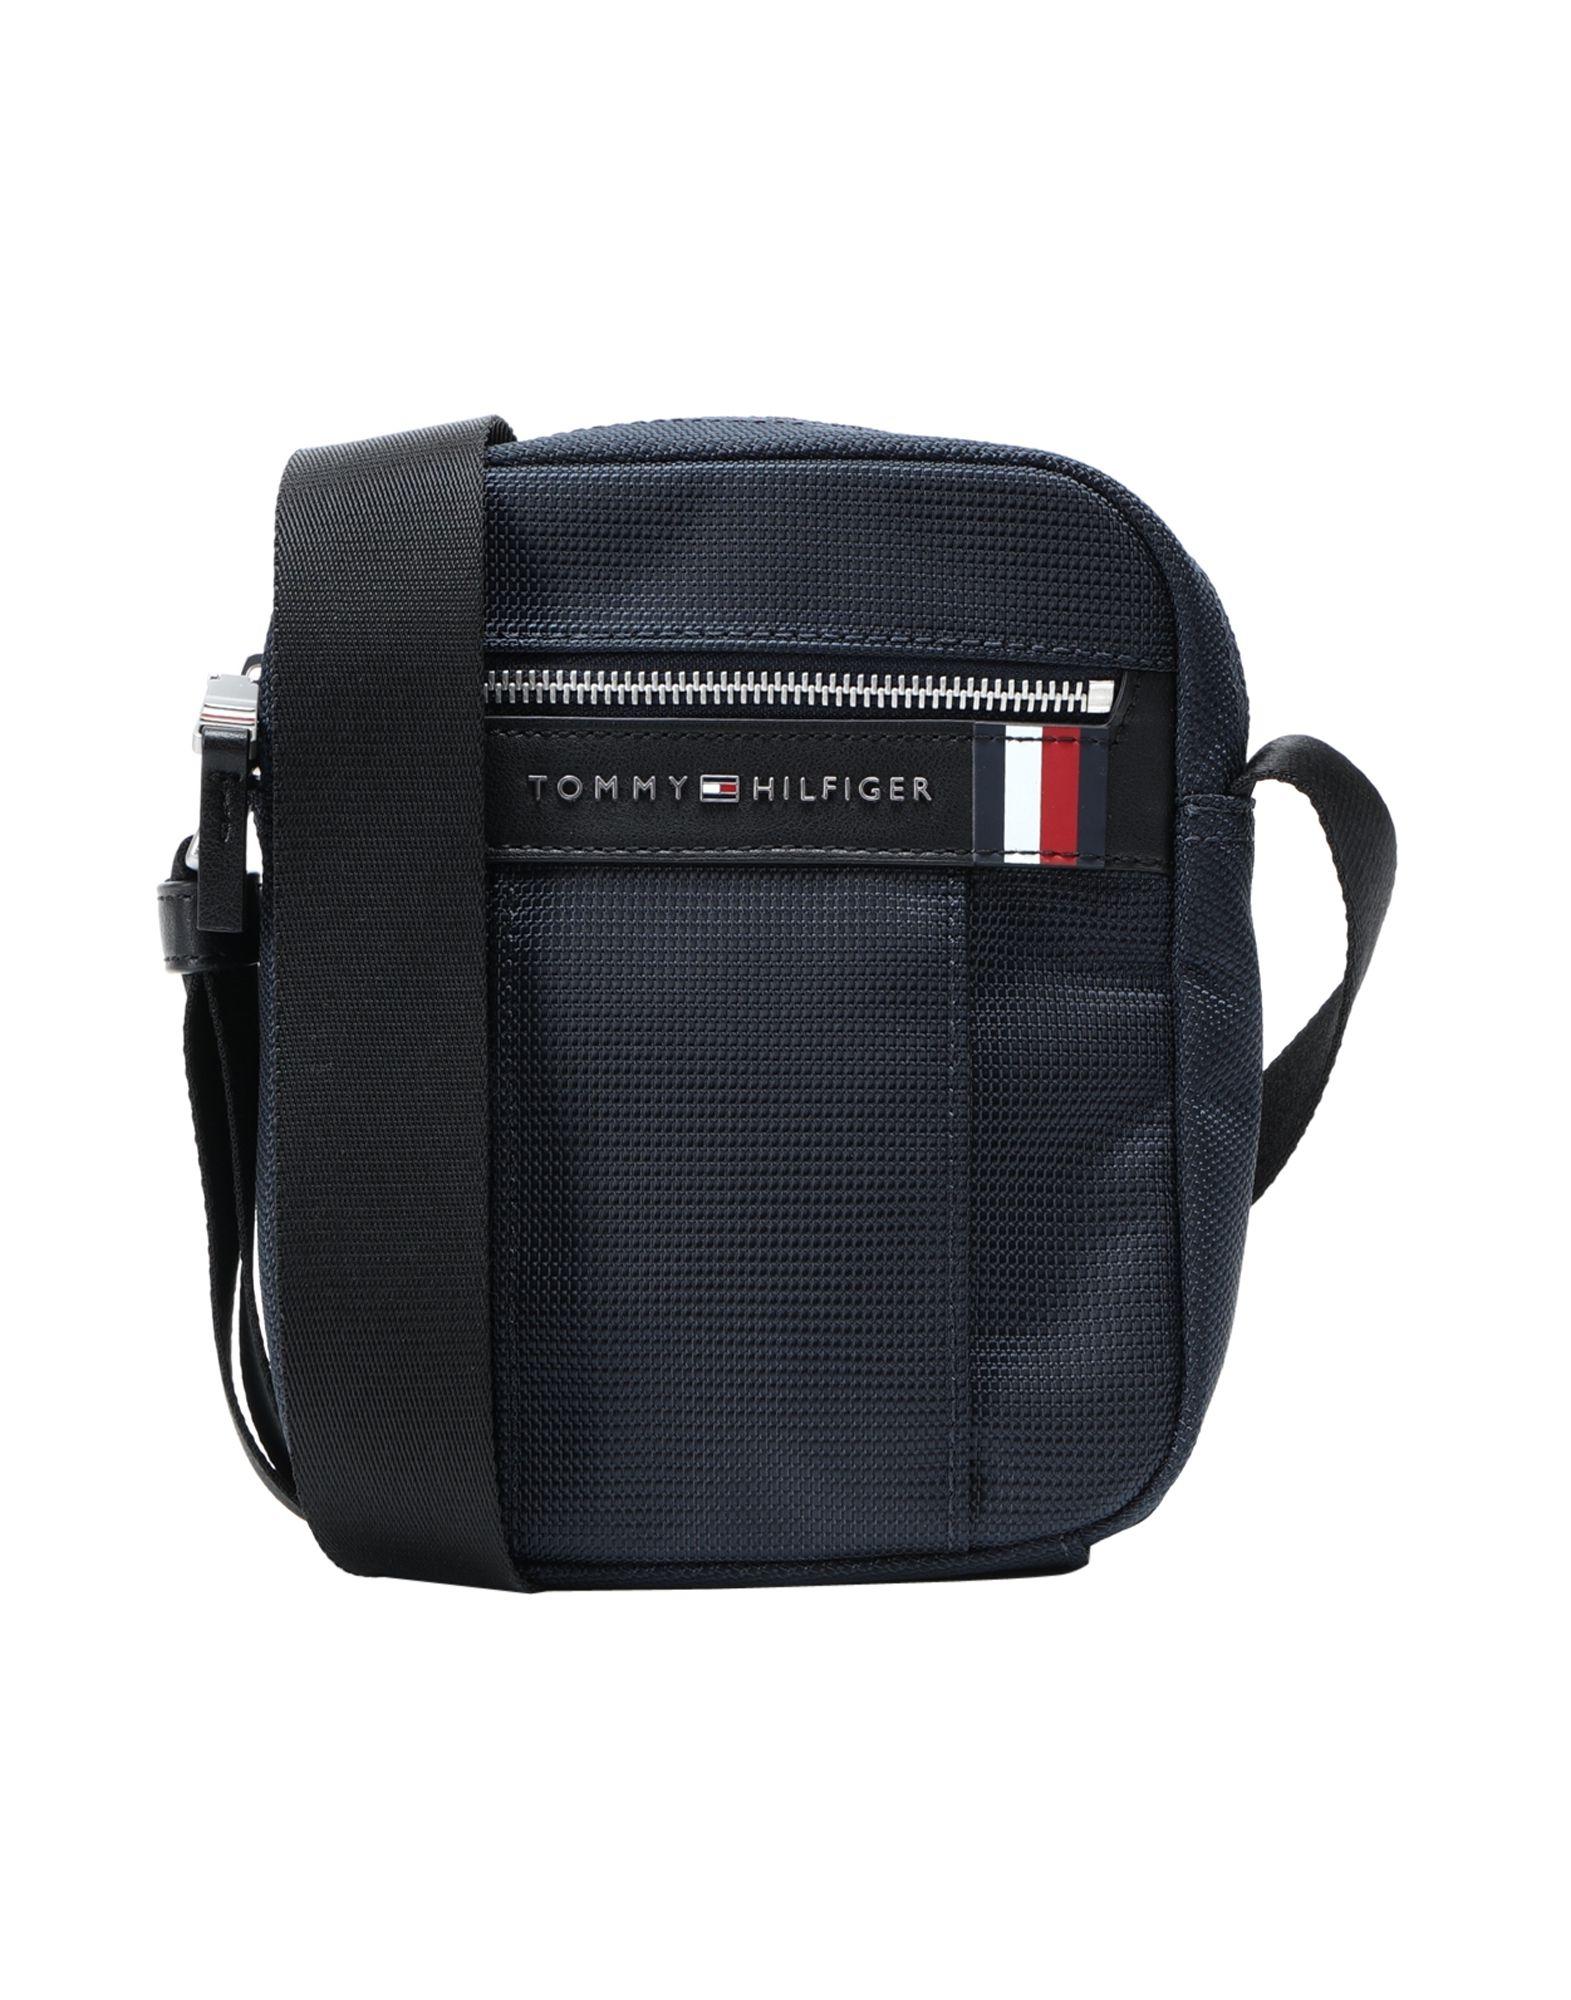 TOMMY HILFIGER Shoulder bags - Item 45511589